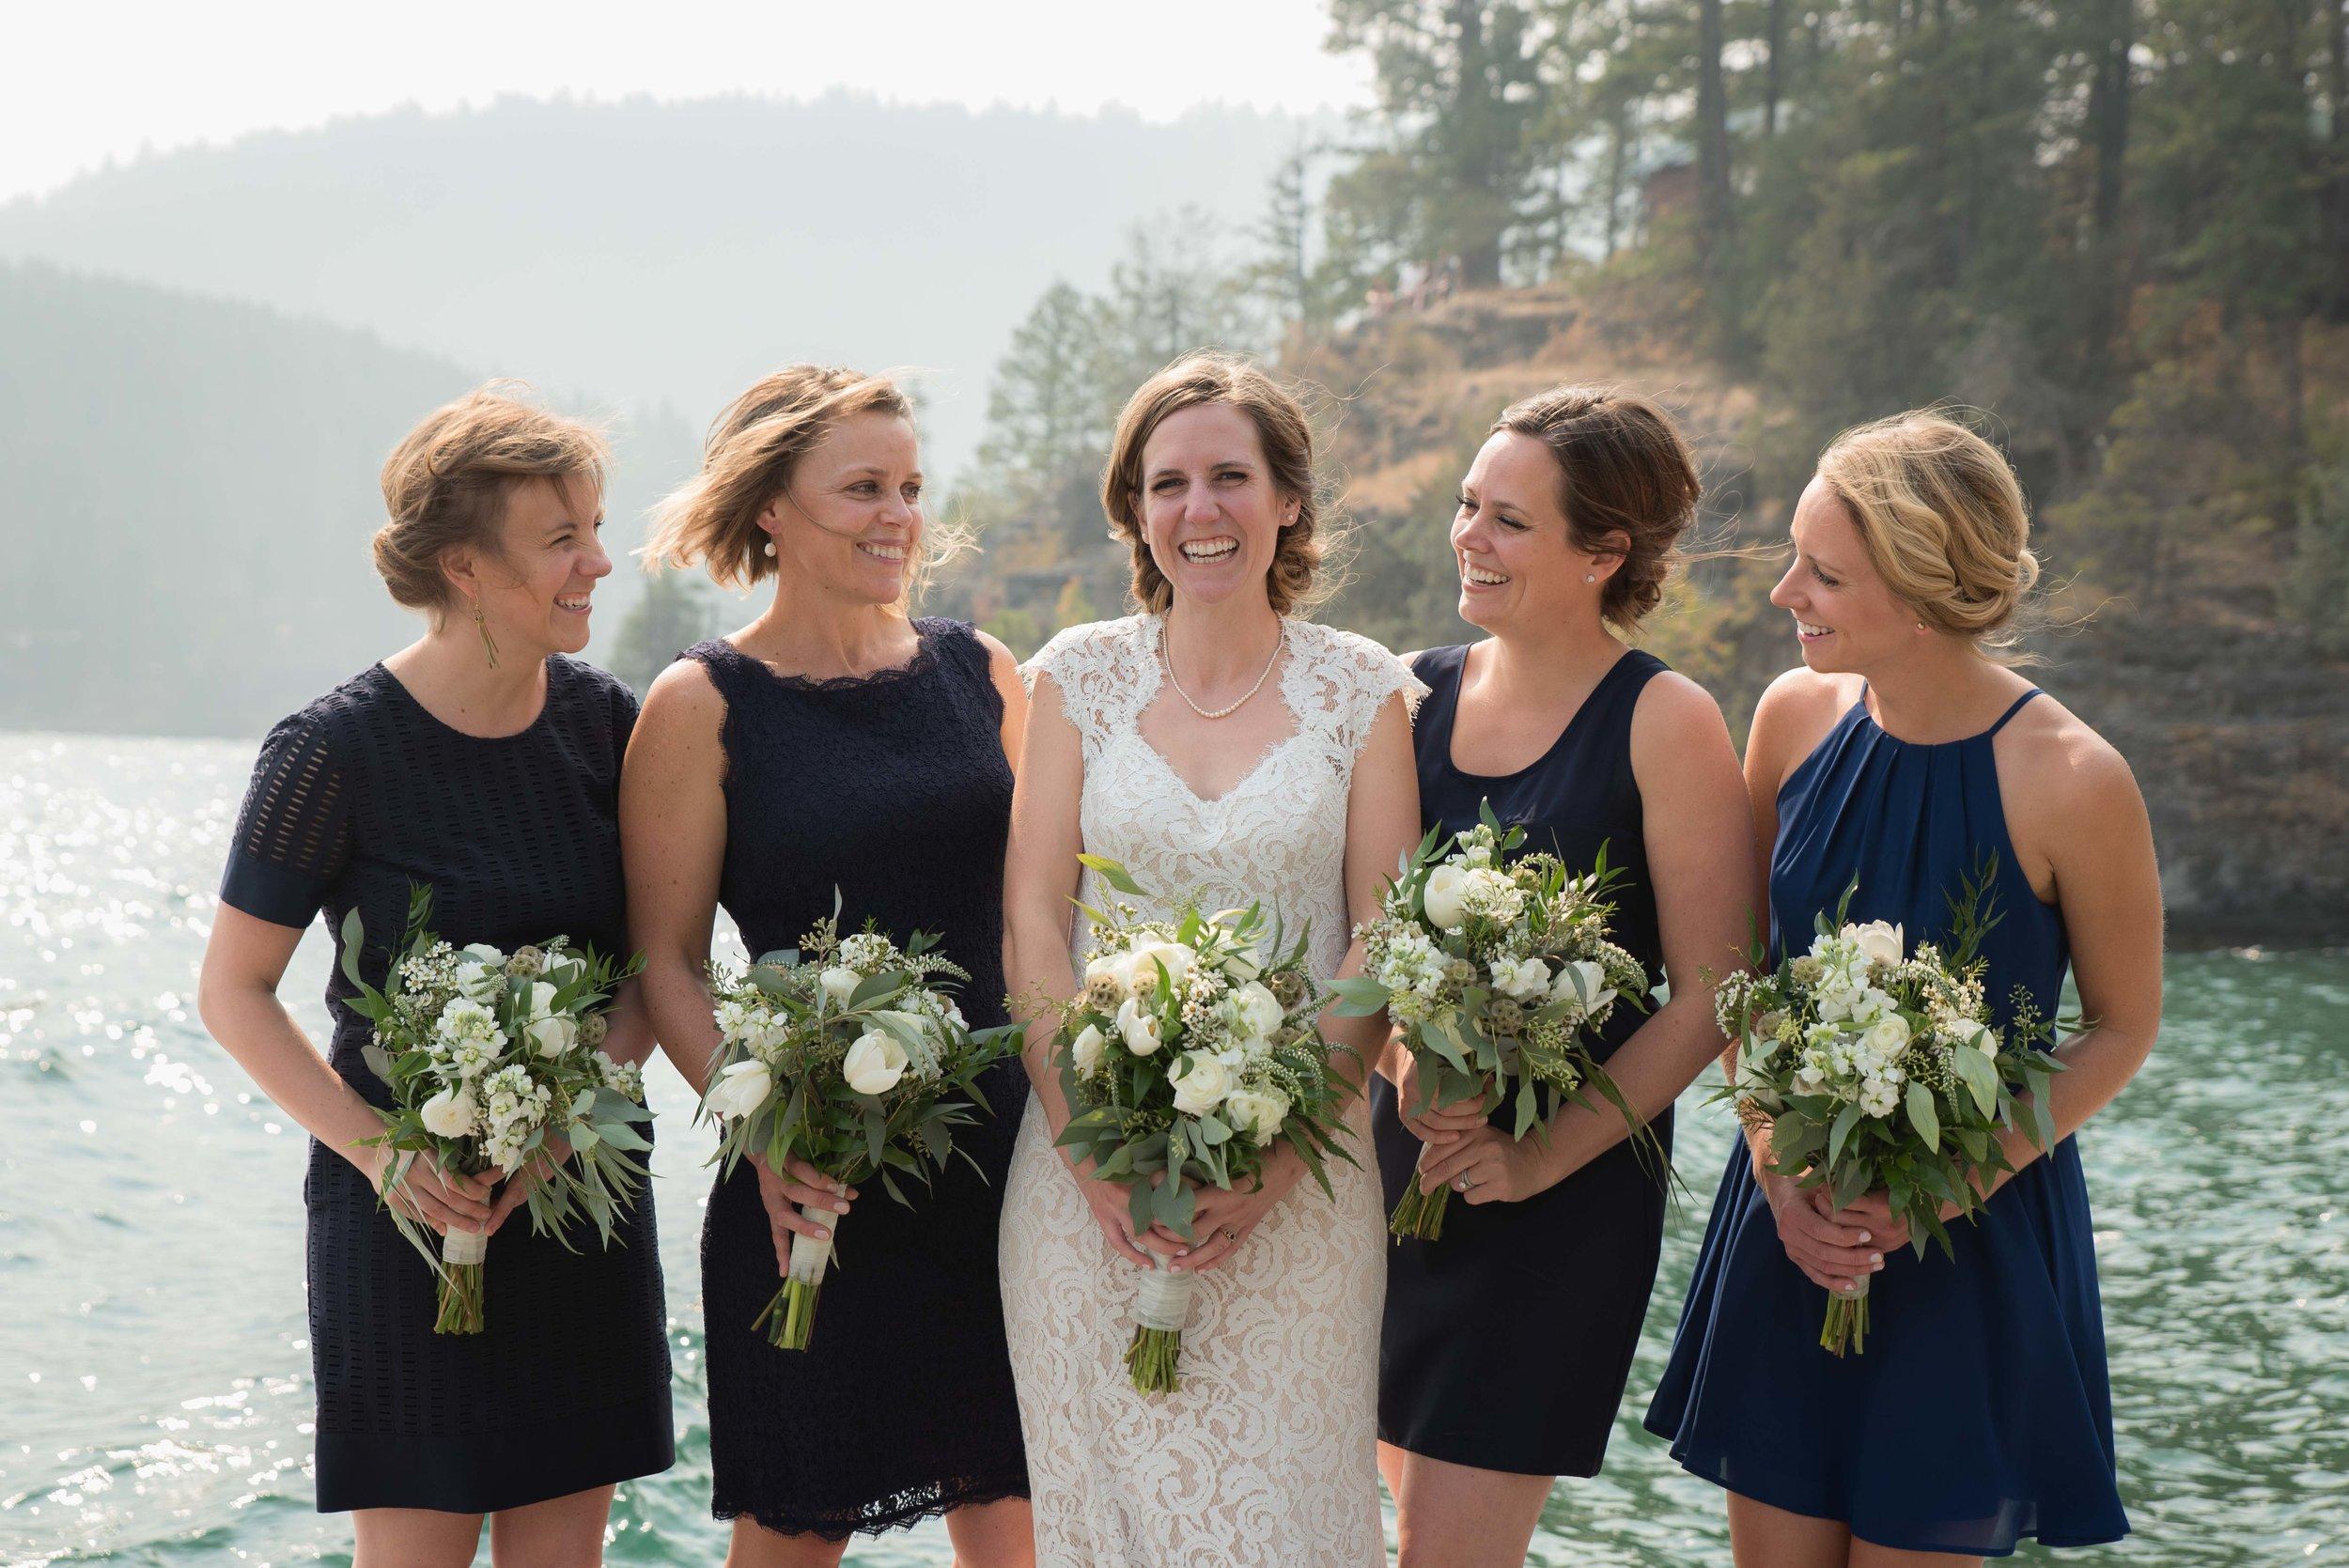 LukeandEmily_wedding (94 of 505).jpg